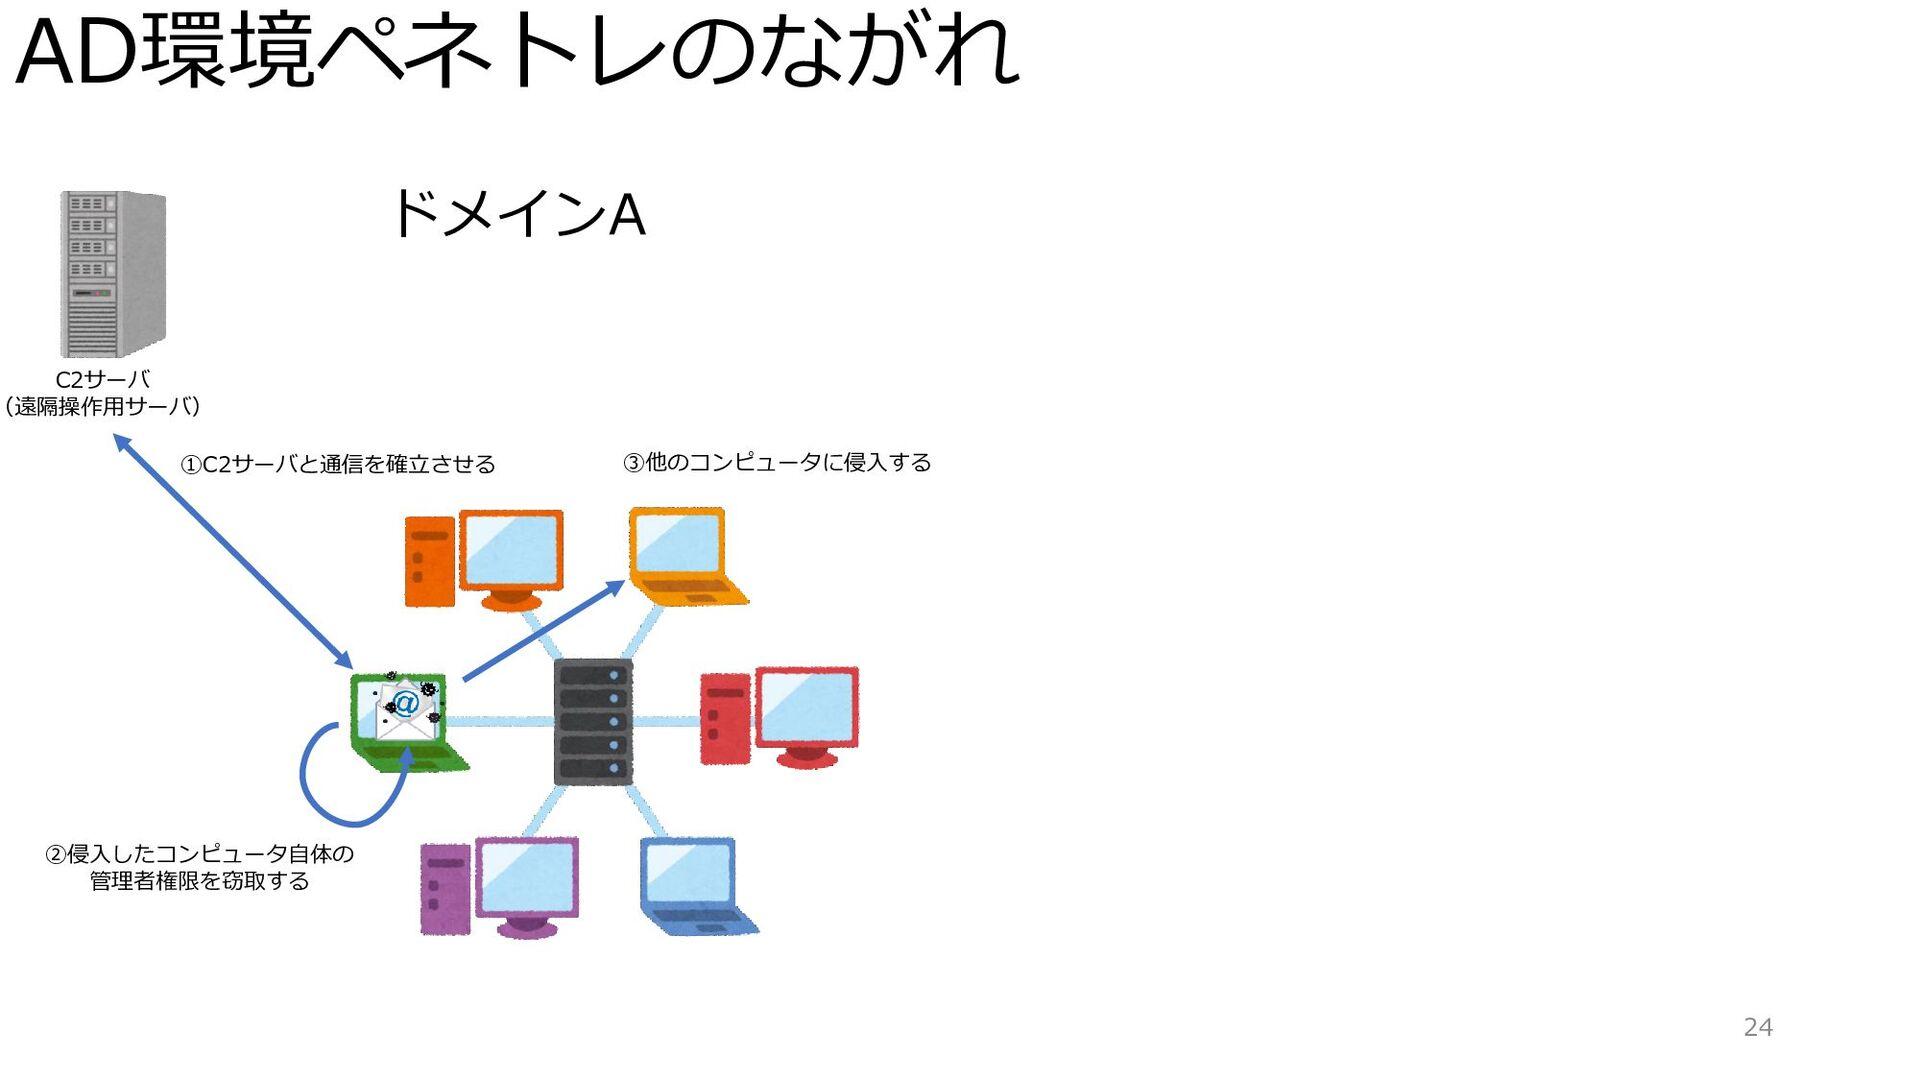 AD環境ペネトレのながれ 24 ドメインA C2サーバ (遠隔操作用サーバ) ①C2サーバと通...